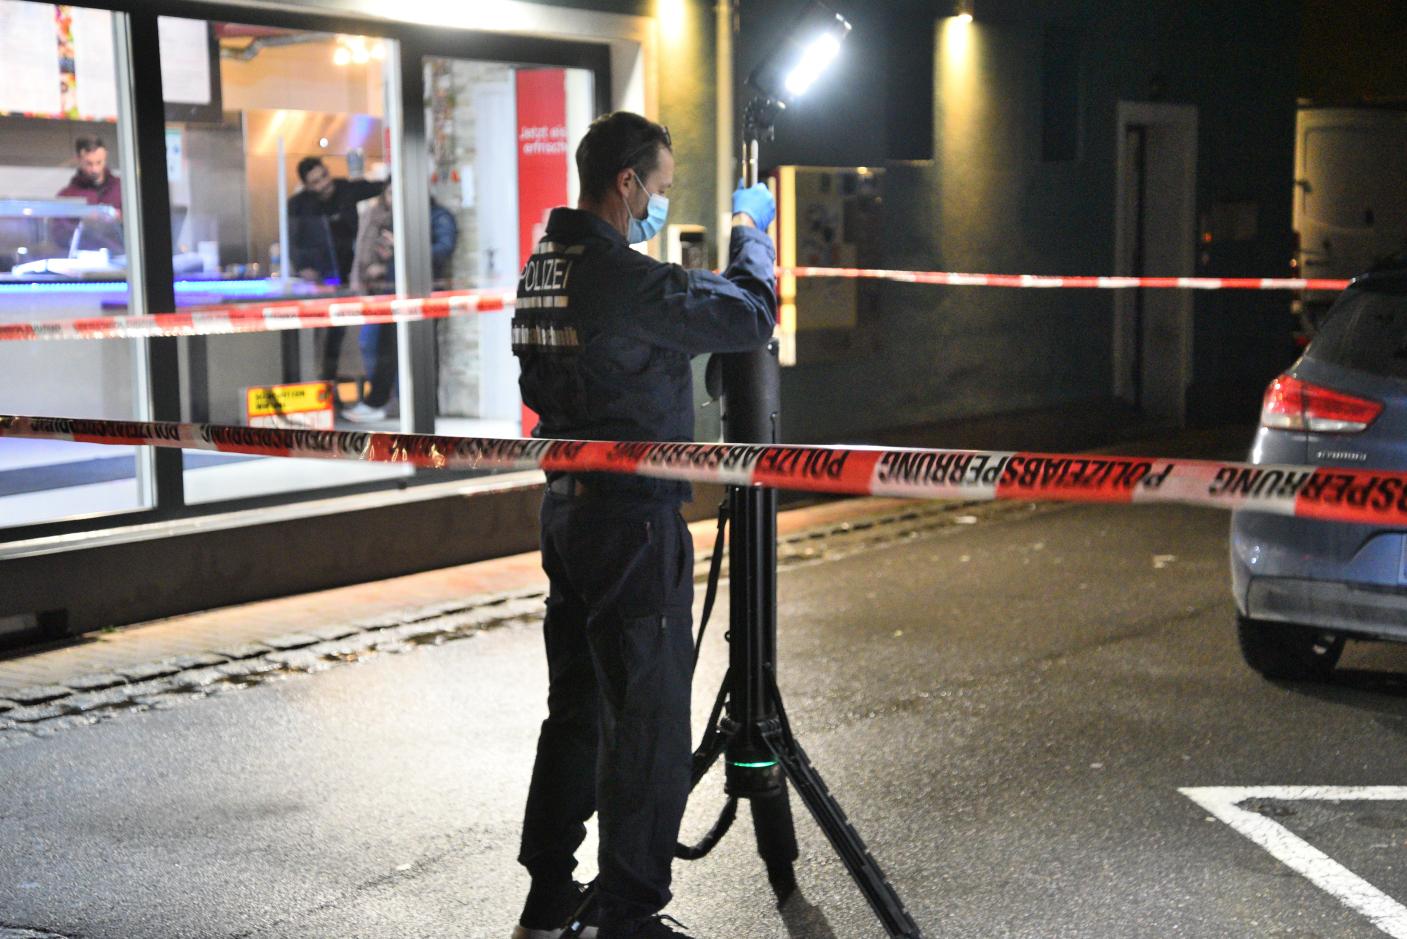 Eppelheim:  Auseinandersetzung vor Imbiss - 30-jähriger durch Messerstich verletzt